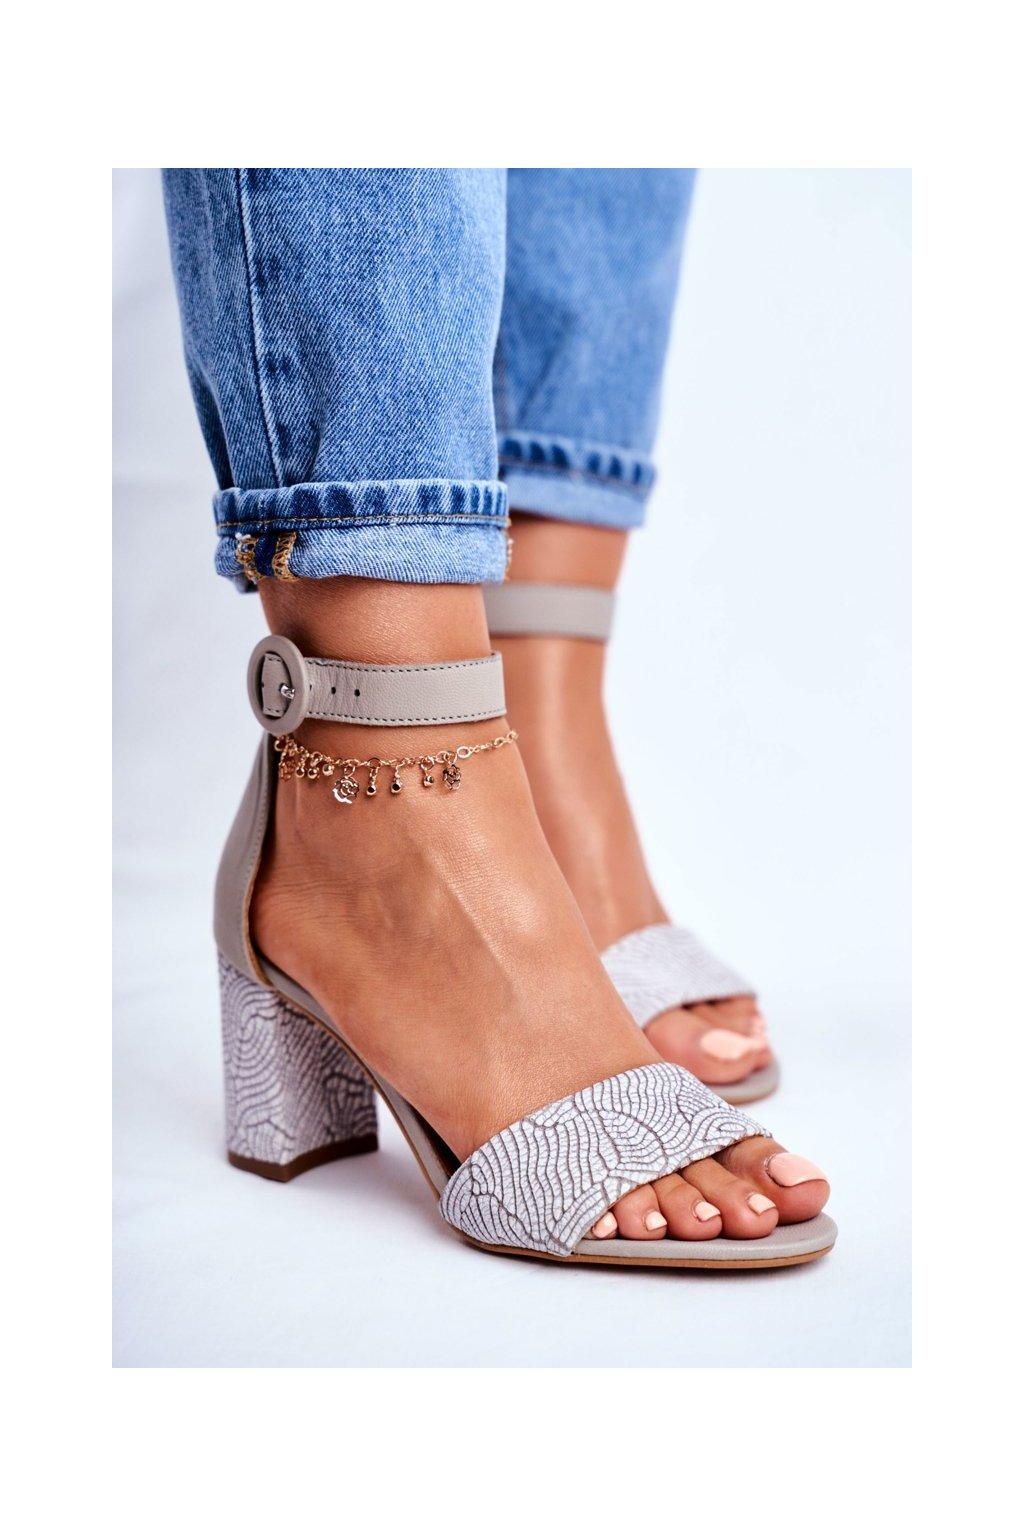 Sivé sandále NJSK 04235-03/00-5 GREY